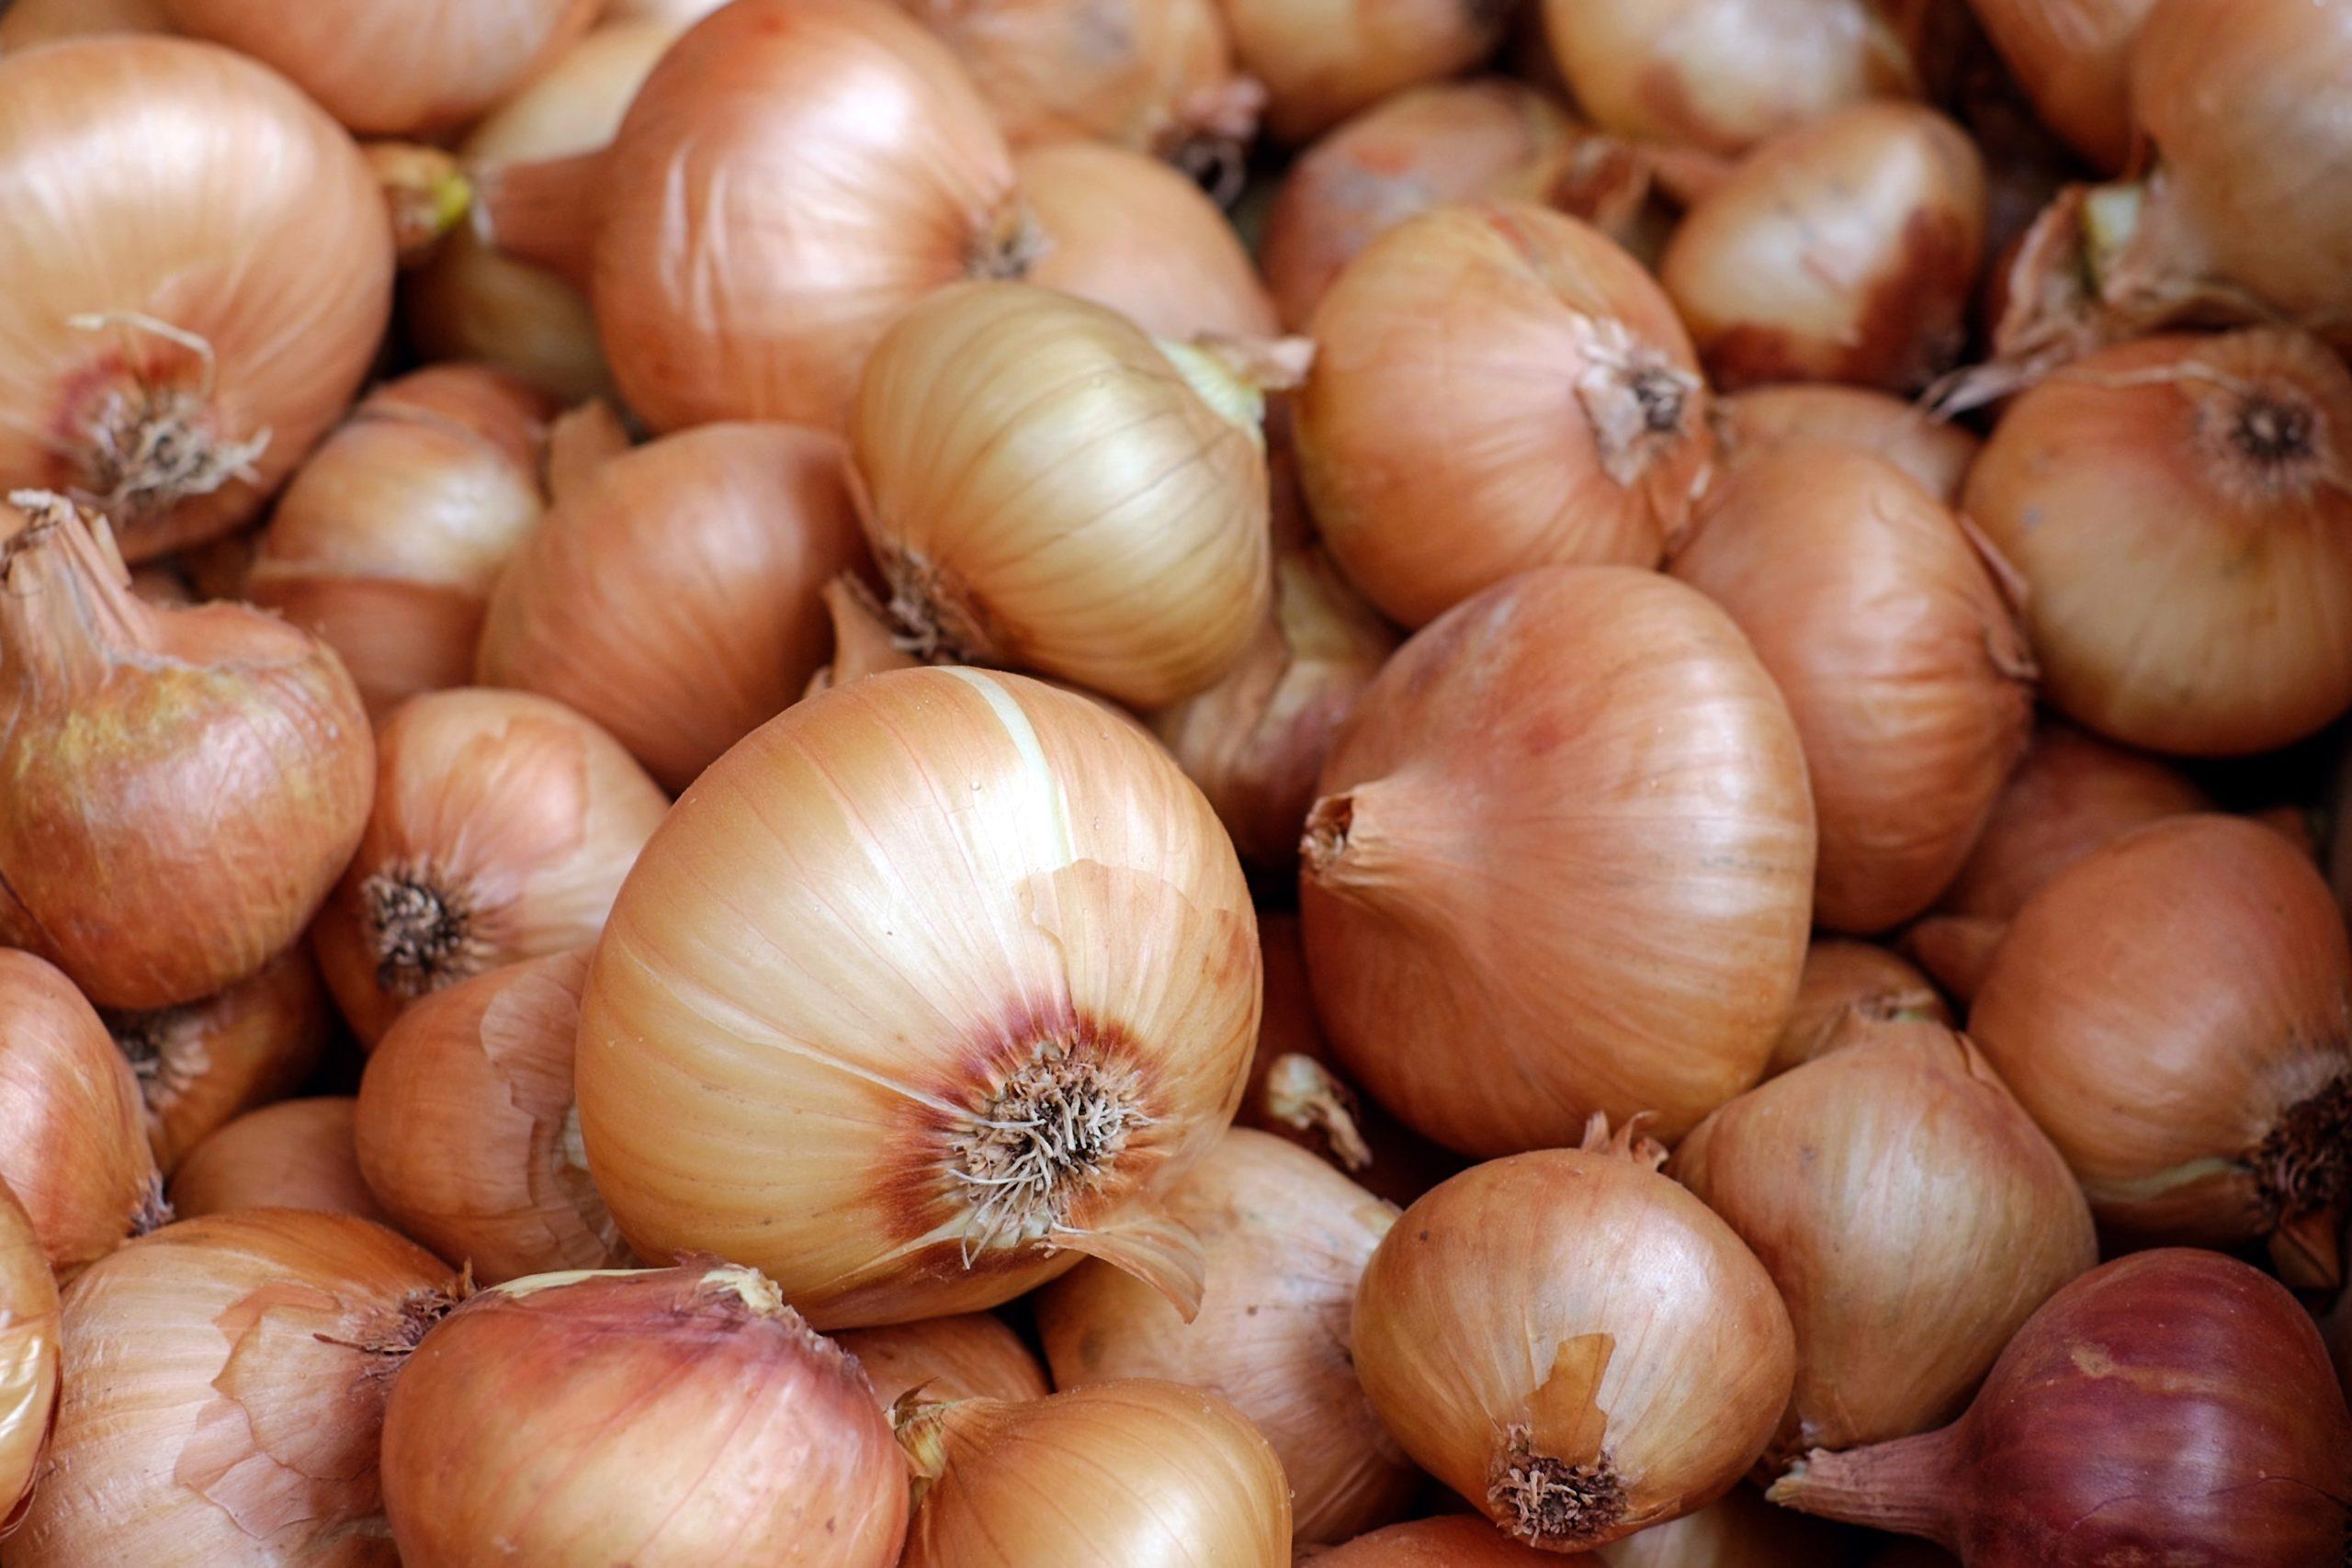 warzywa z resztek - cebula resztki warzyw